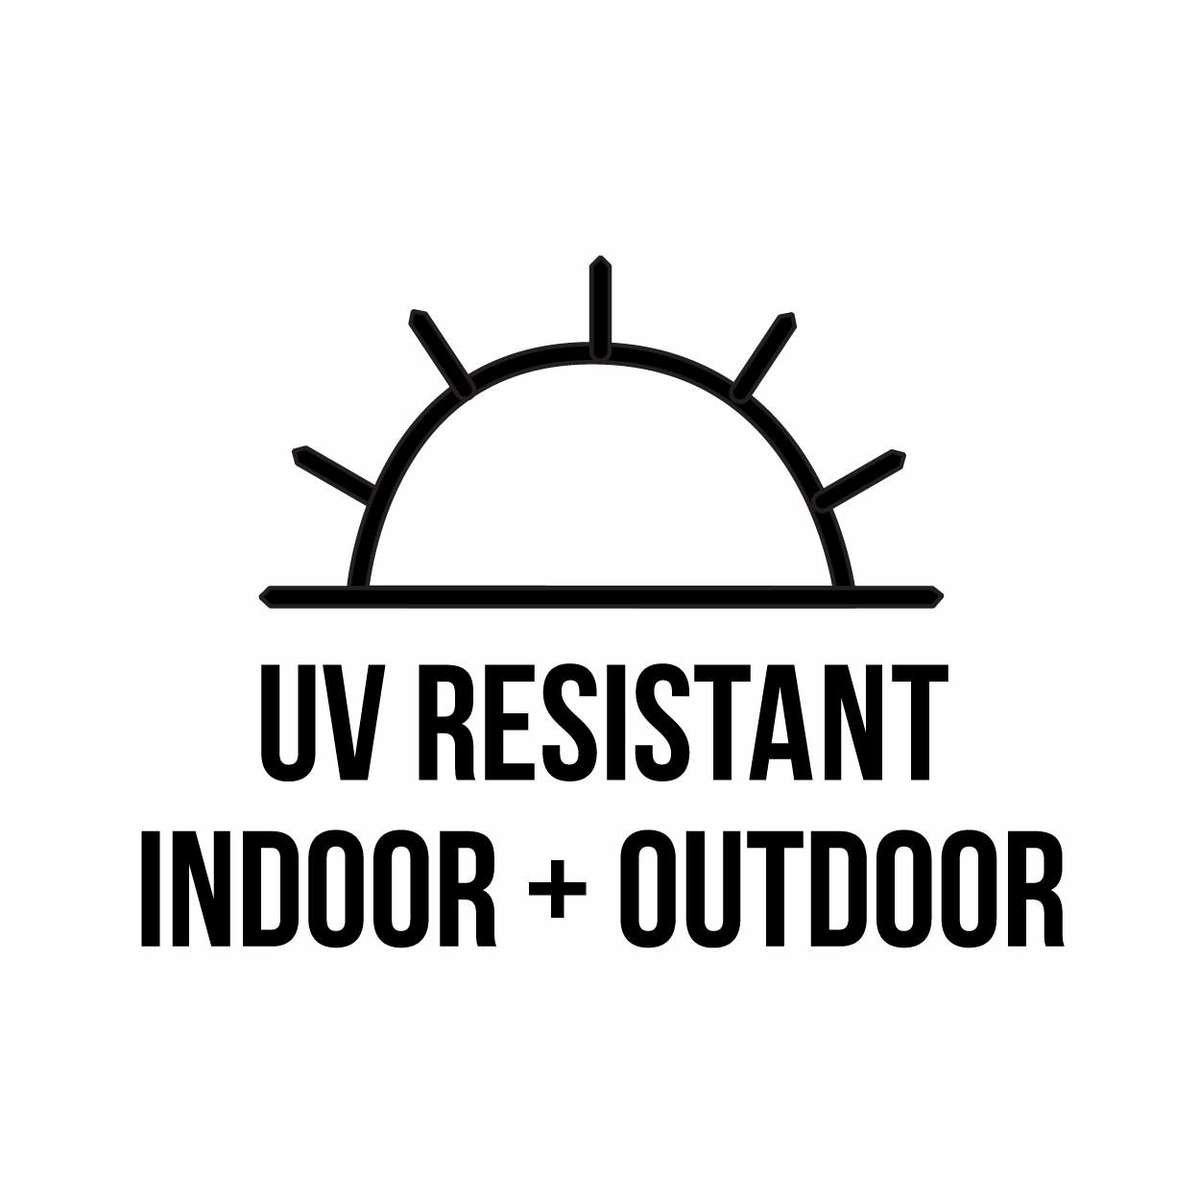 uv resistant icon